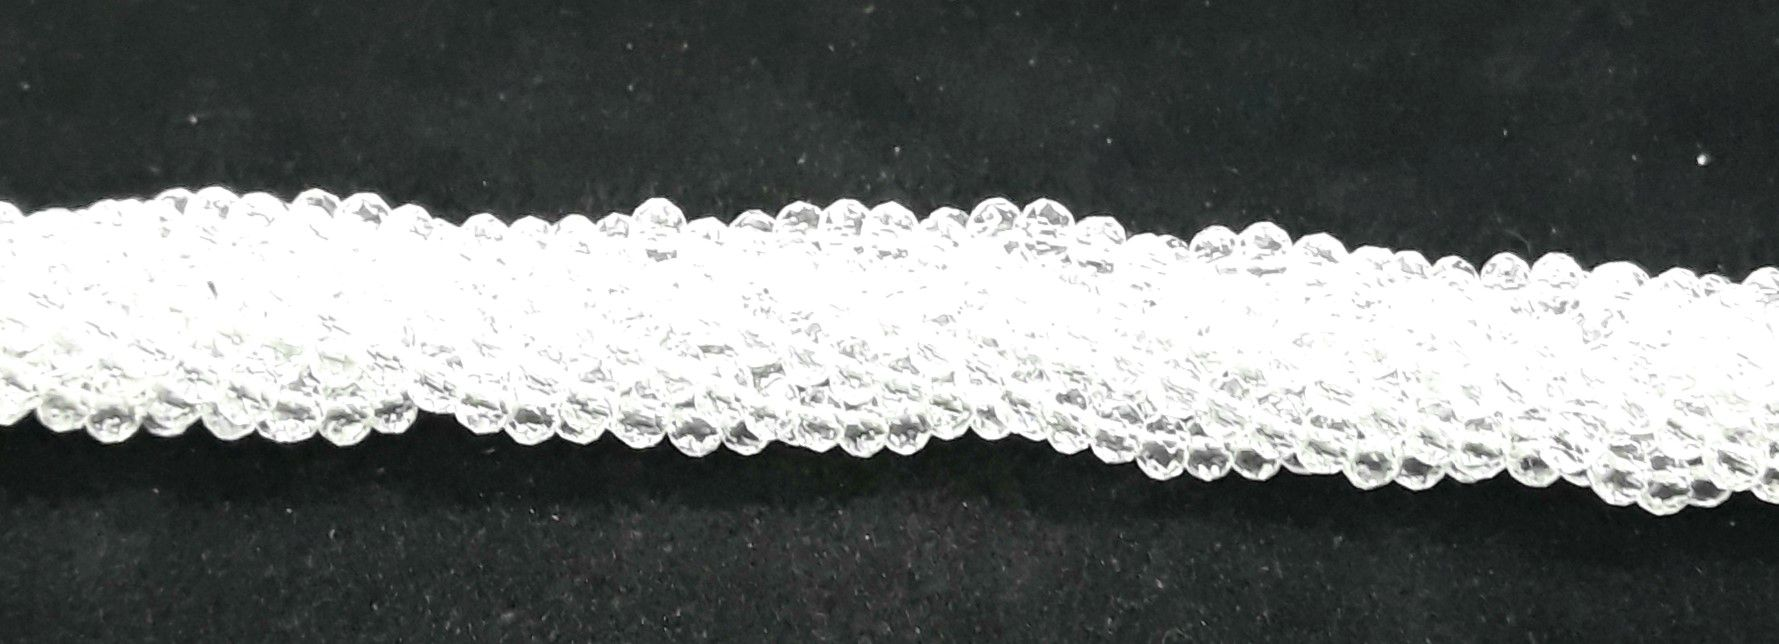 Fio de Cristal Achatado 4mm (Transparente) - FDC02